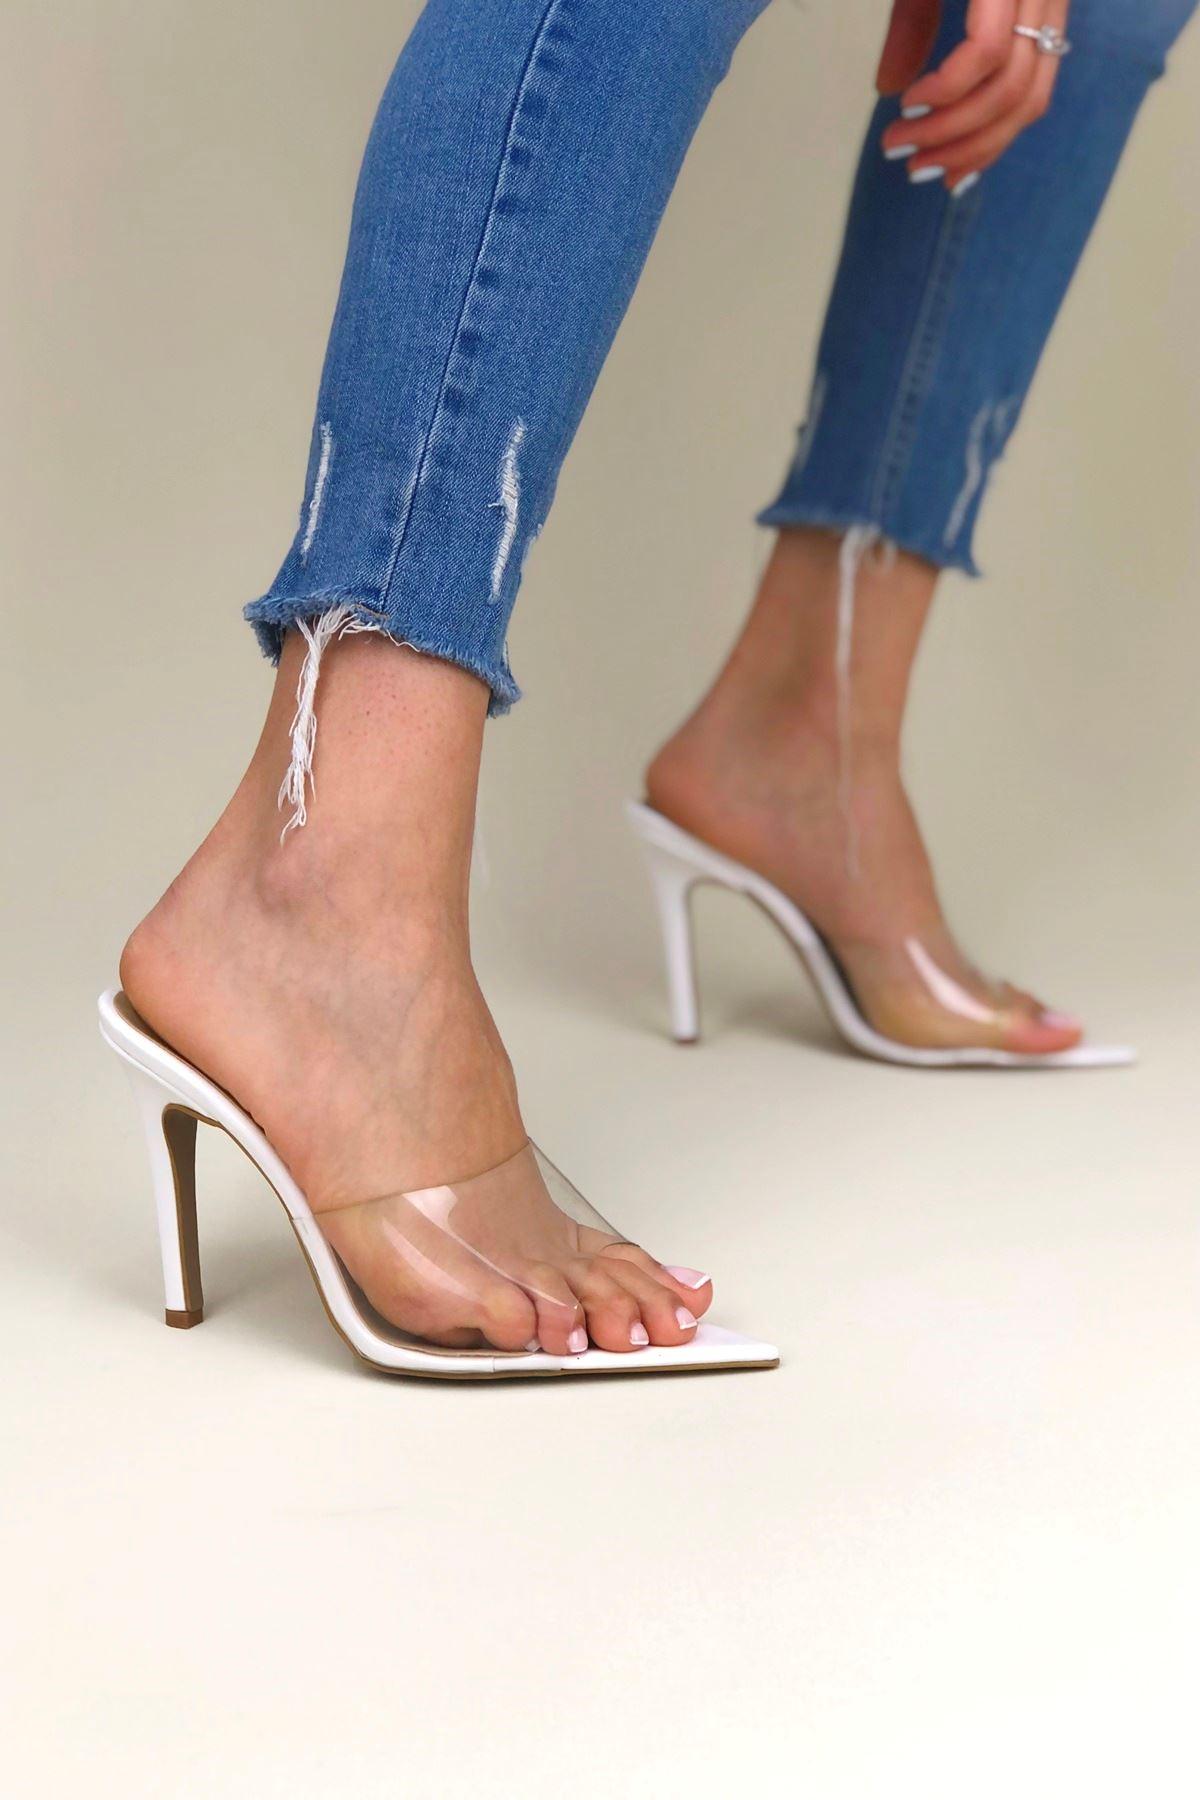 Bette Beyaz Rugan Topuklu Kadın Ayakkabı